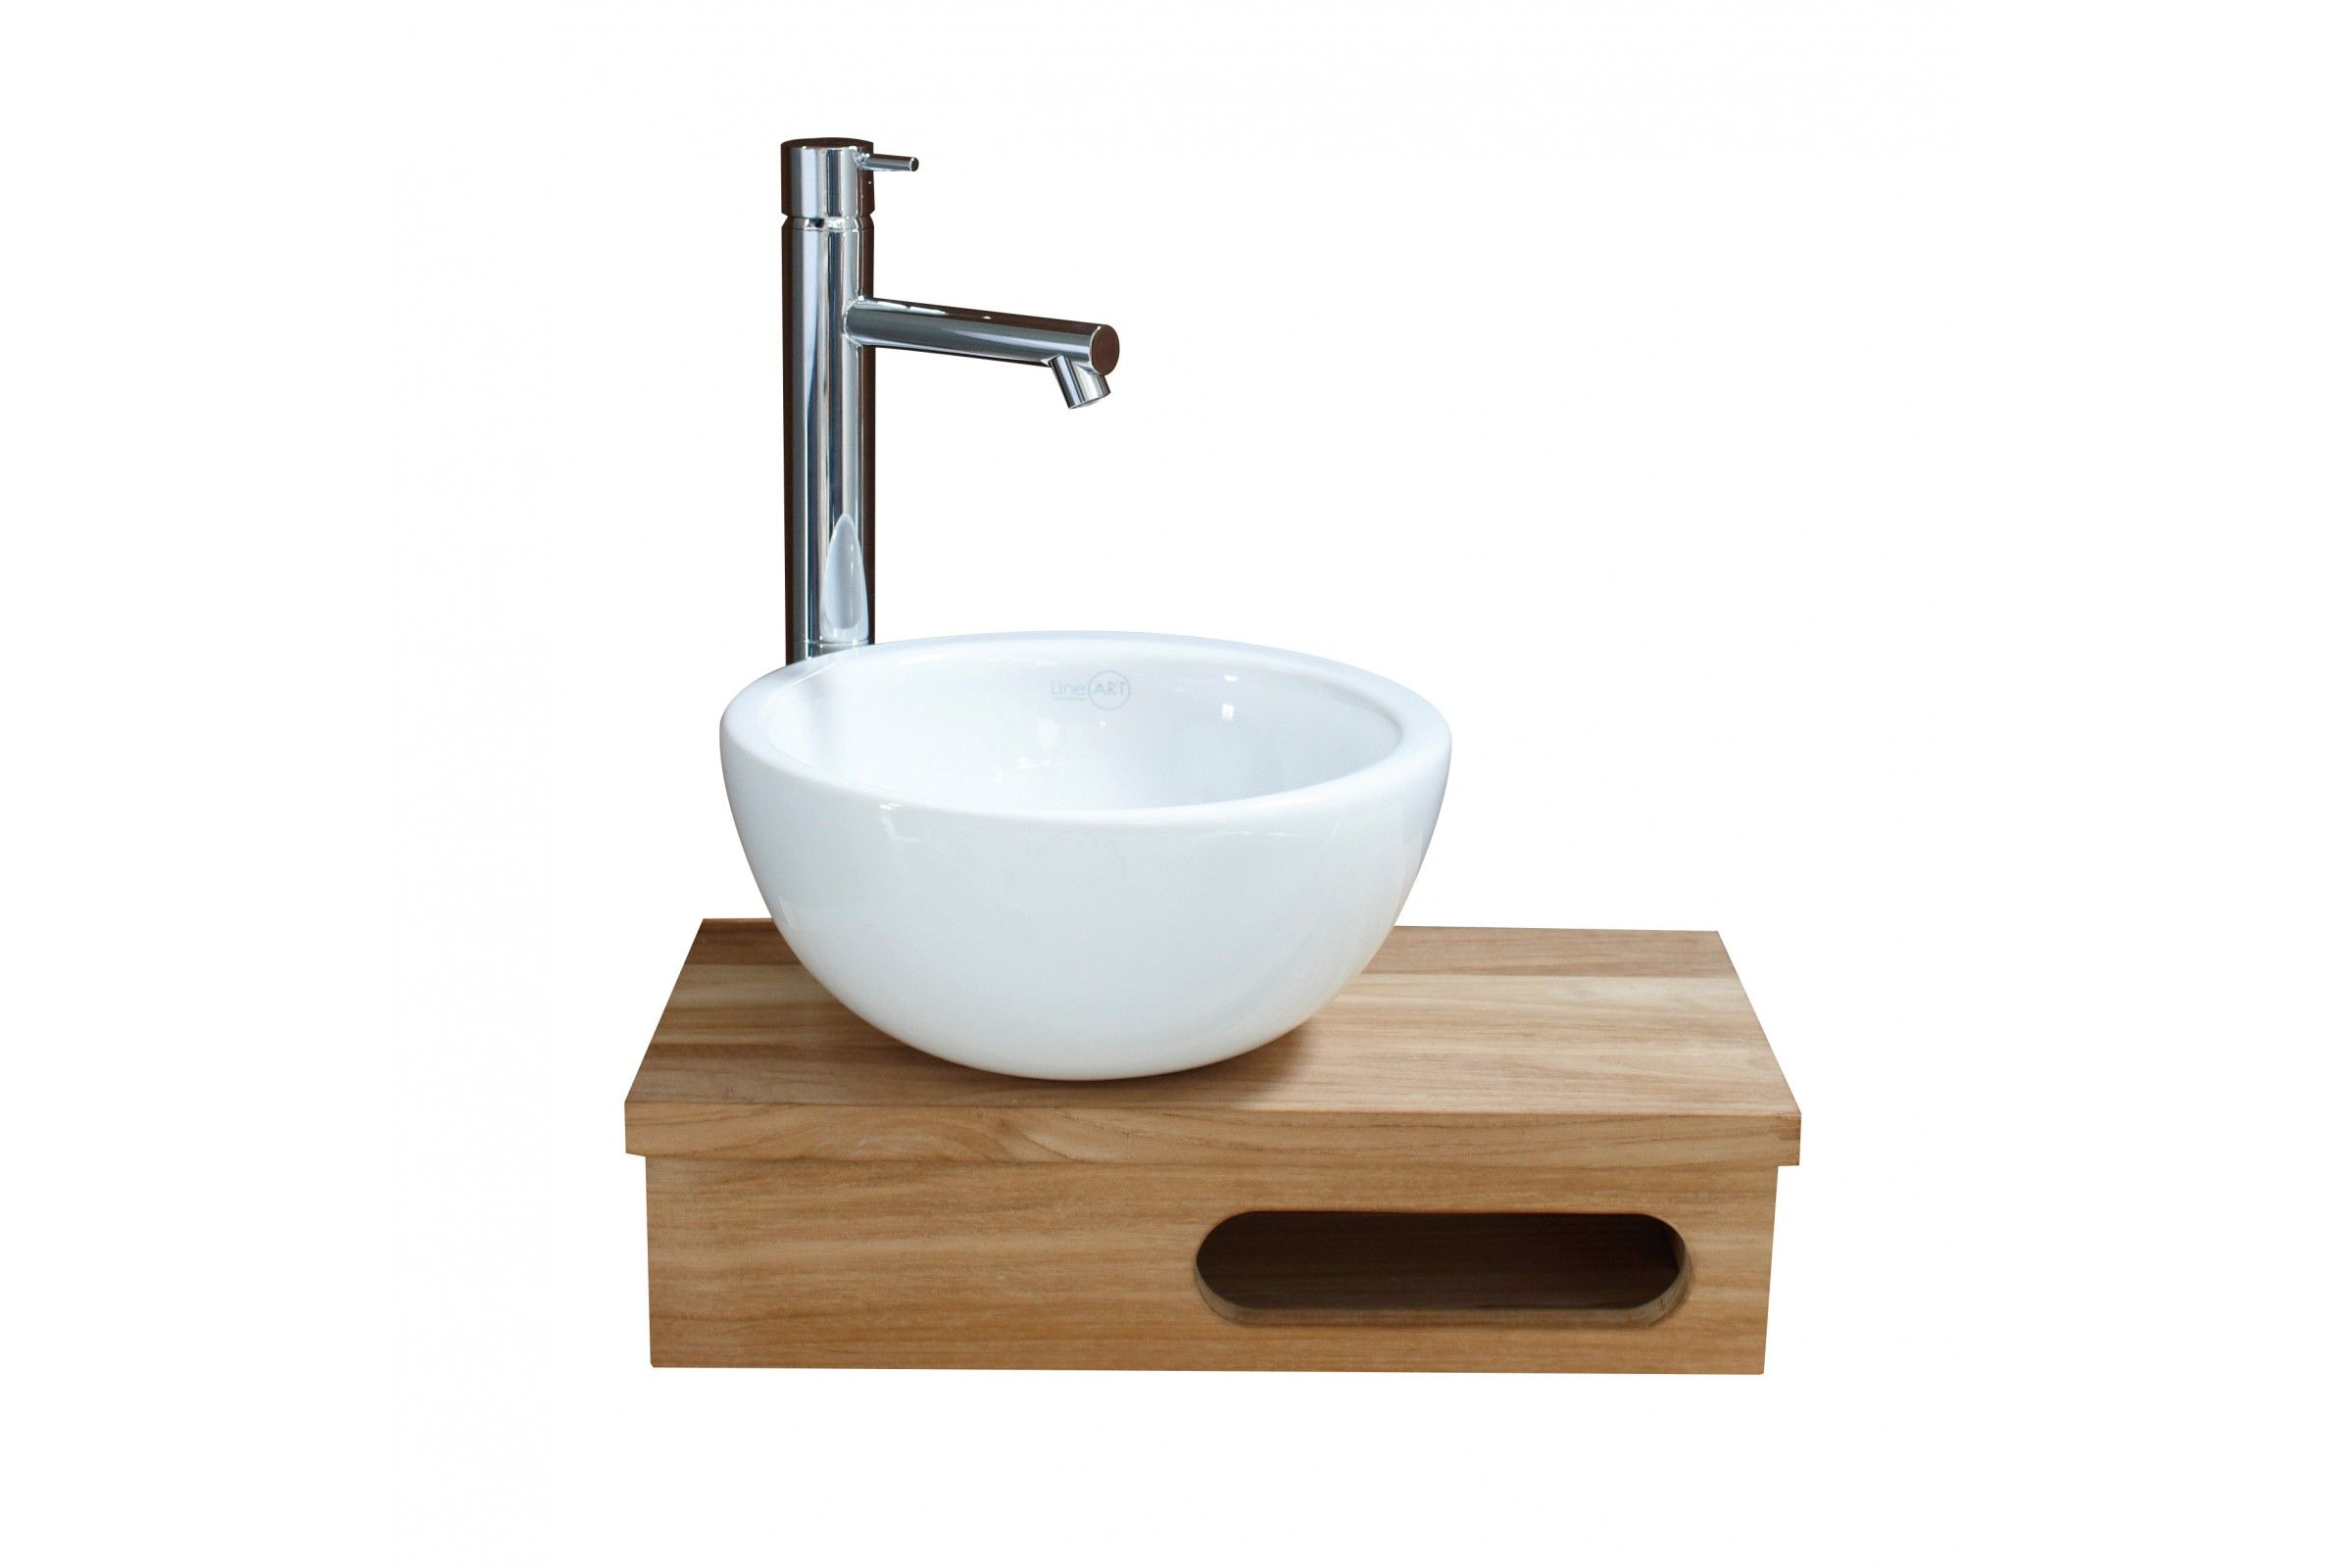 vasque lave mains ronde 25 5 cm en c ramique blanche ou noire mat mini spot de line art la. Black Bedroom Furniture Sets. Home Design Ideas